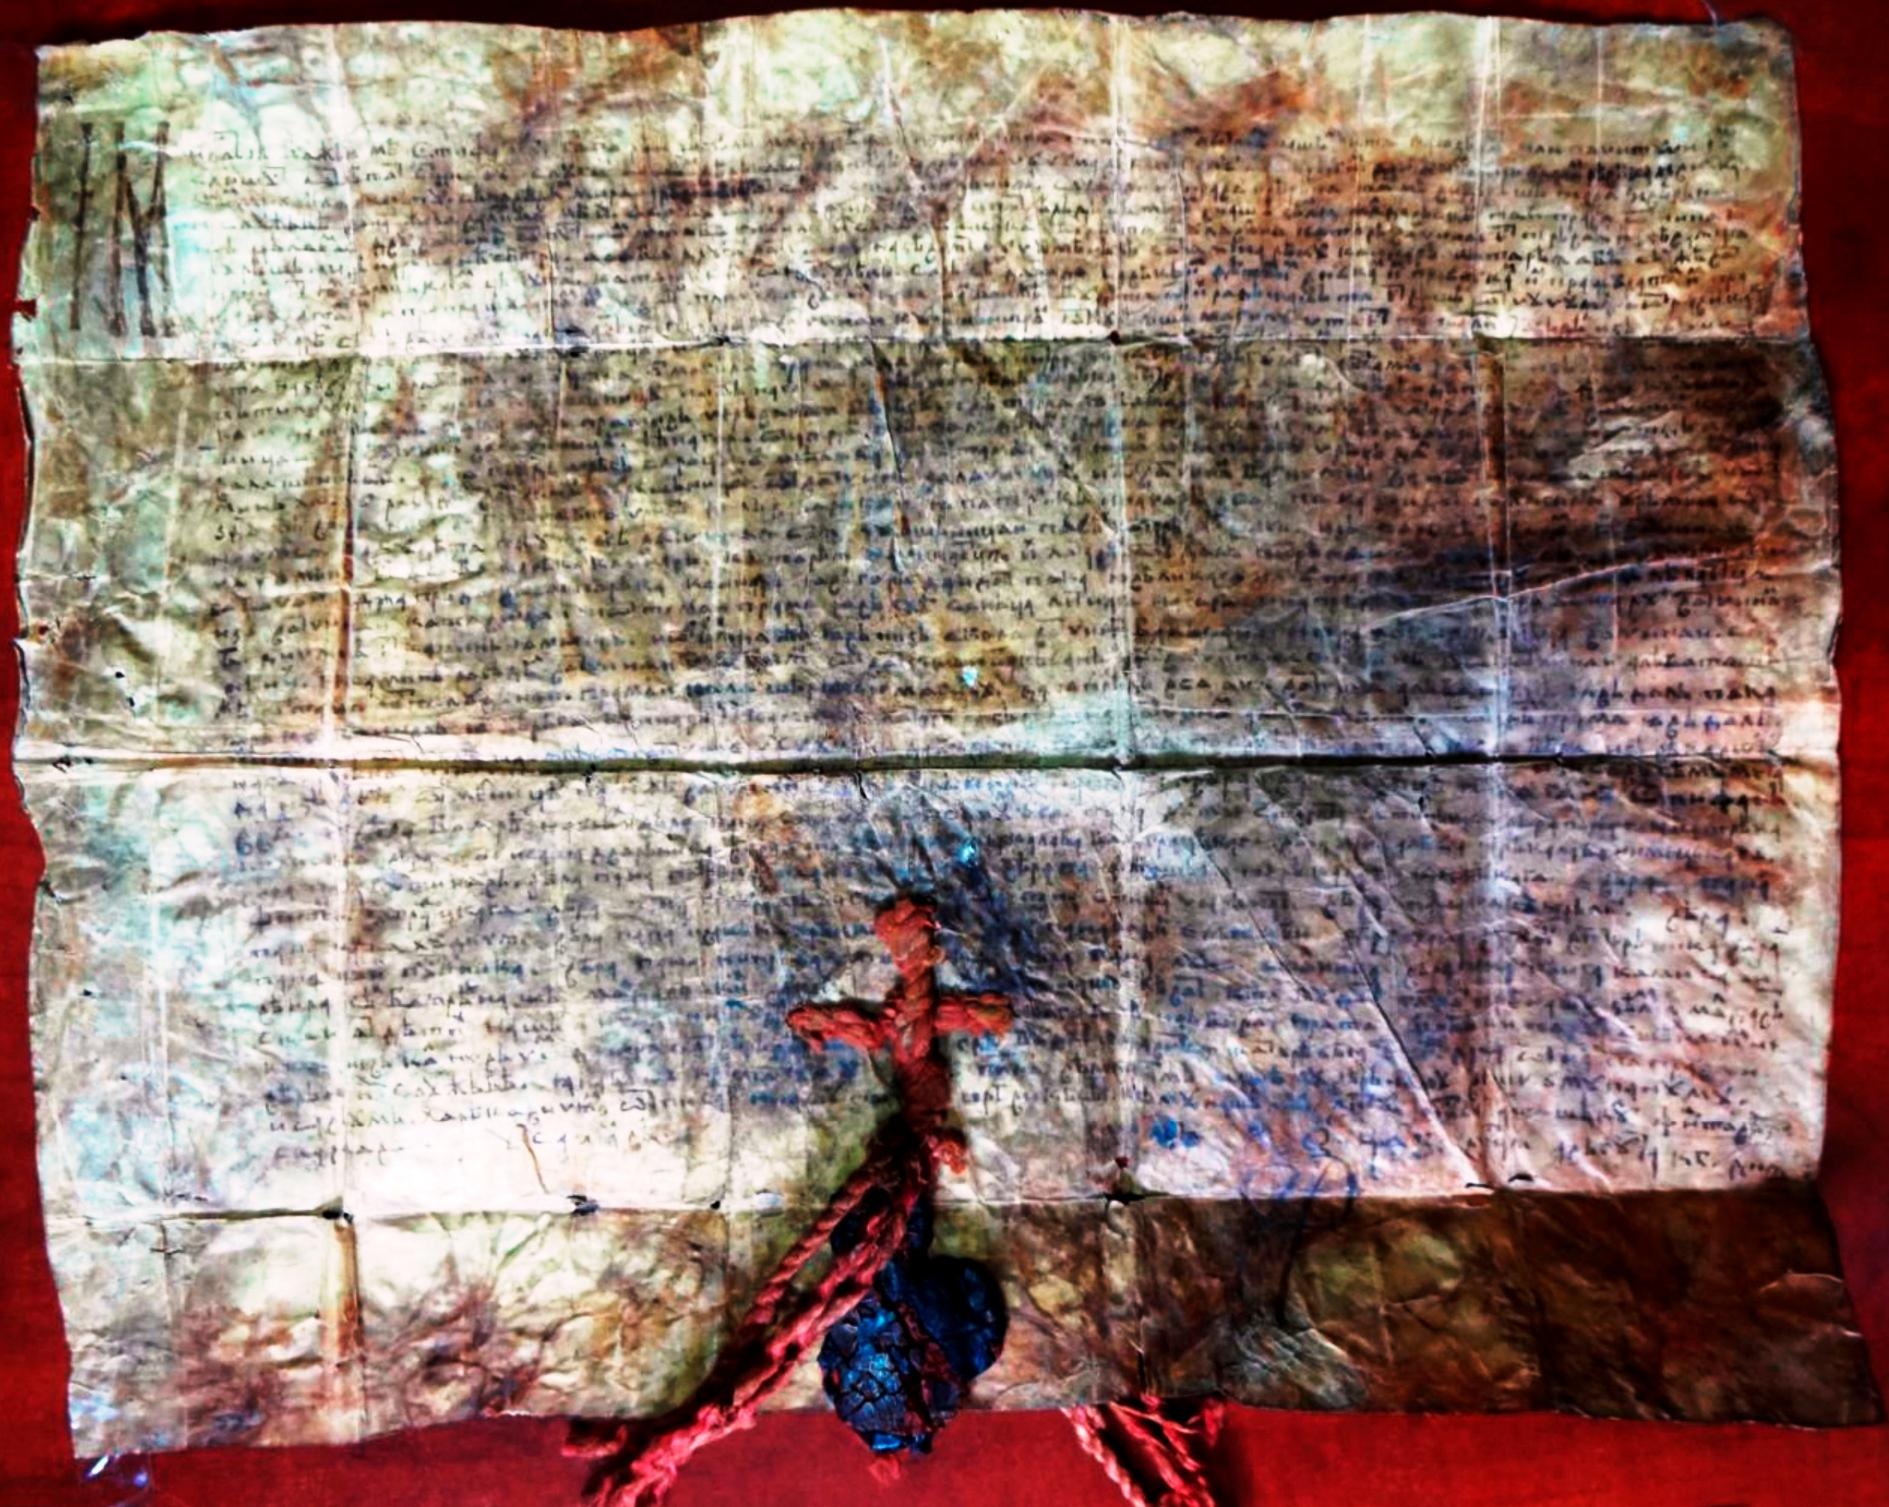 """""""+ Din mila lui Dumnezeu, noi, Ştefan voievod, domn al Ţării Moldovei"""", fragment din hrisovul cu caracter îndoielnic din 23 august 1469. Pergament galben-maro, prost prelucrat, rupt la îndoituri. Cerneală cafenie (probabil, chinovar decolorat). Pecete de smoală neagră cu sigiliu roşu, deteriorată, atârnată pe fir răsucit, cafeniu, de mătase, decolorat. Dimensiuni: 435 × 330. Arhiva personală a academicianului Demir Dragnev (publicat în 2016 de Sergiu Bacalov și Larisa Svetlicinâi de la Institutul de Istorie al AȘM)"""